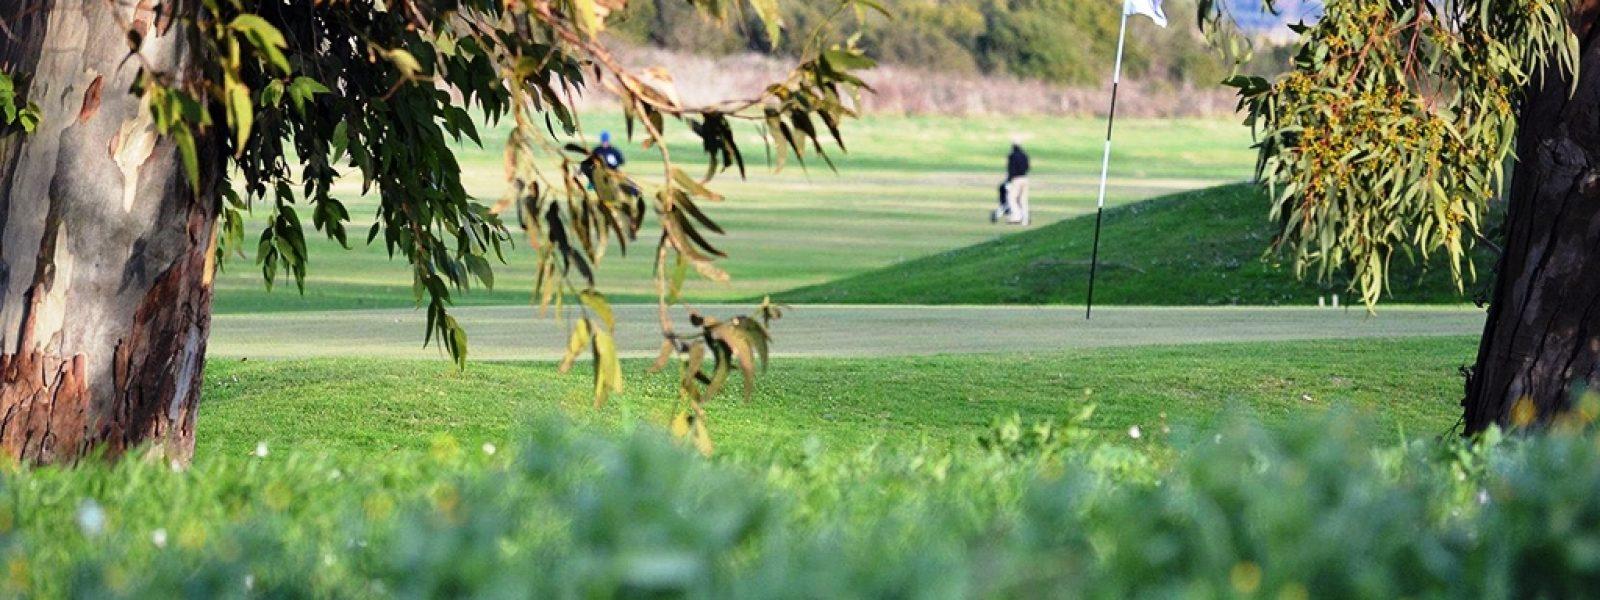 Tarquinia-golf-italia-2